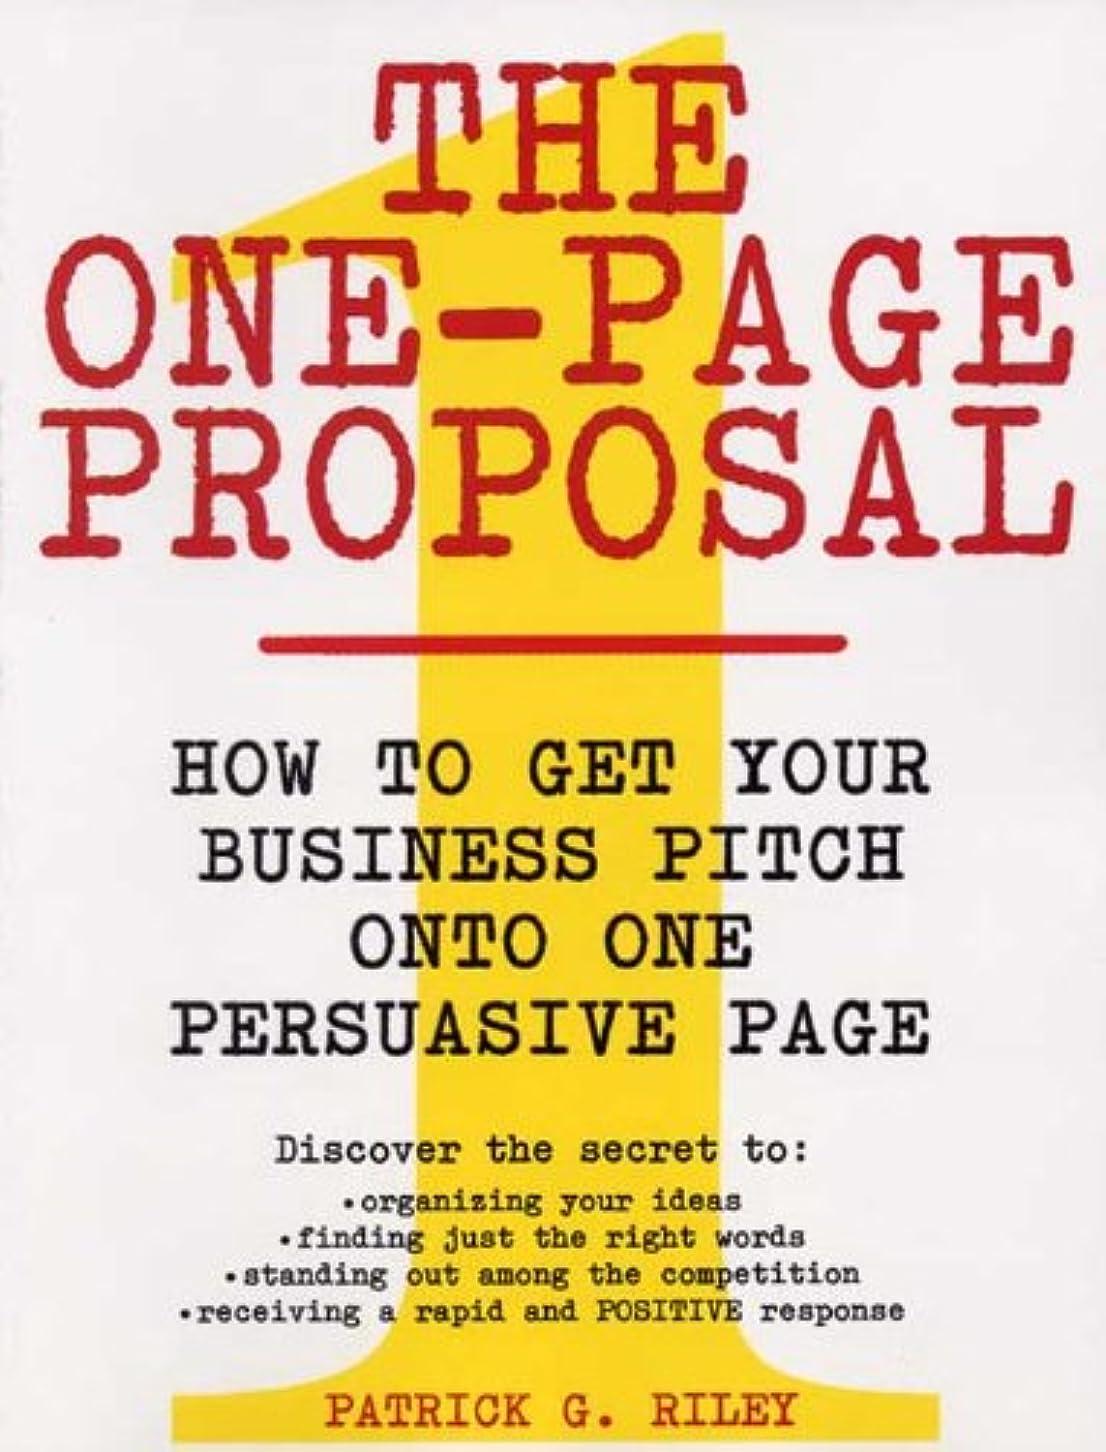 先バーター心理的にThe One-Page Proposal: How to Get Your Business Pitch onto One Persuasive Page (English Edition)